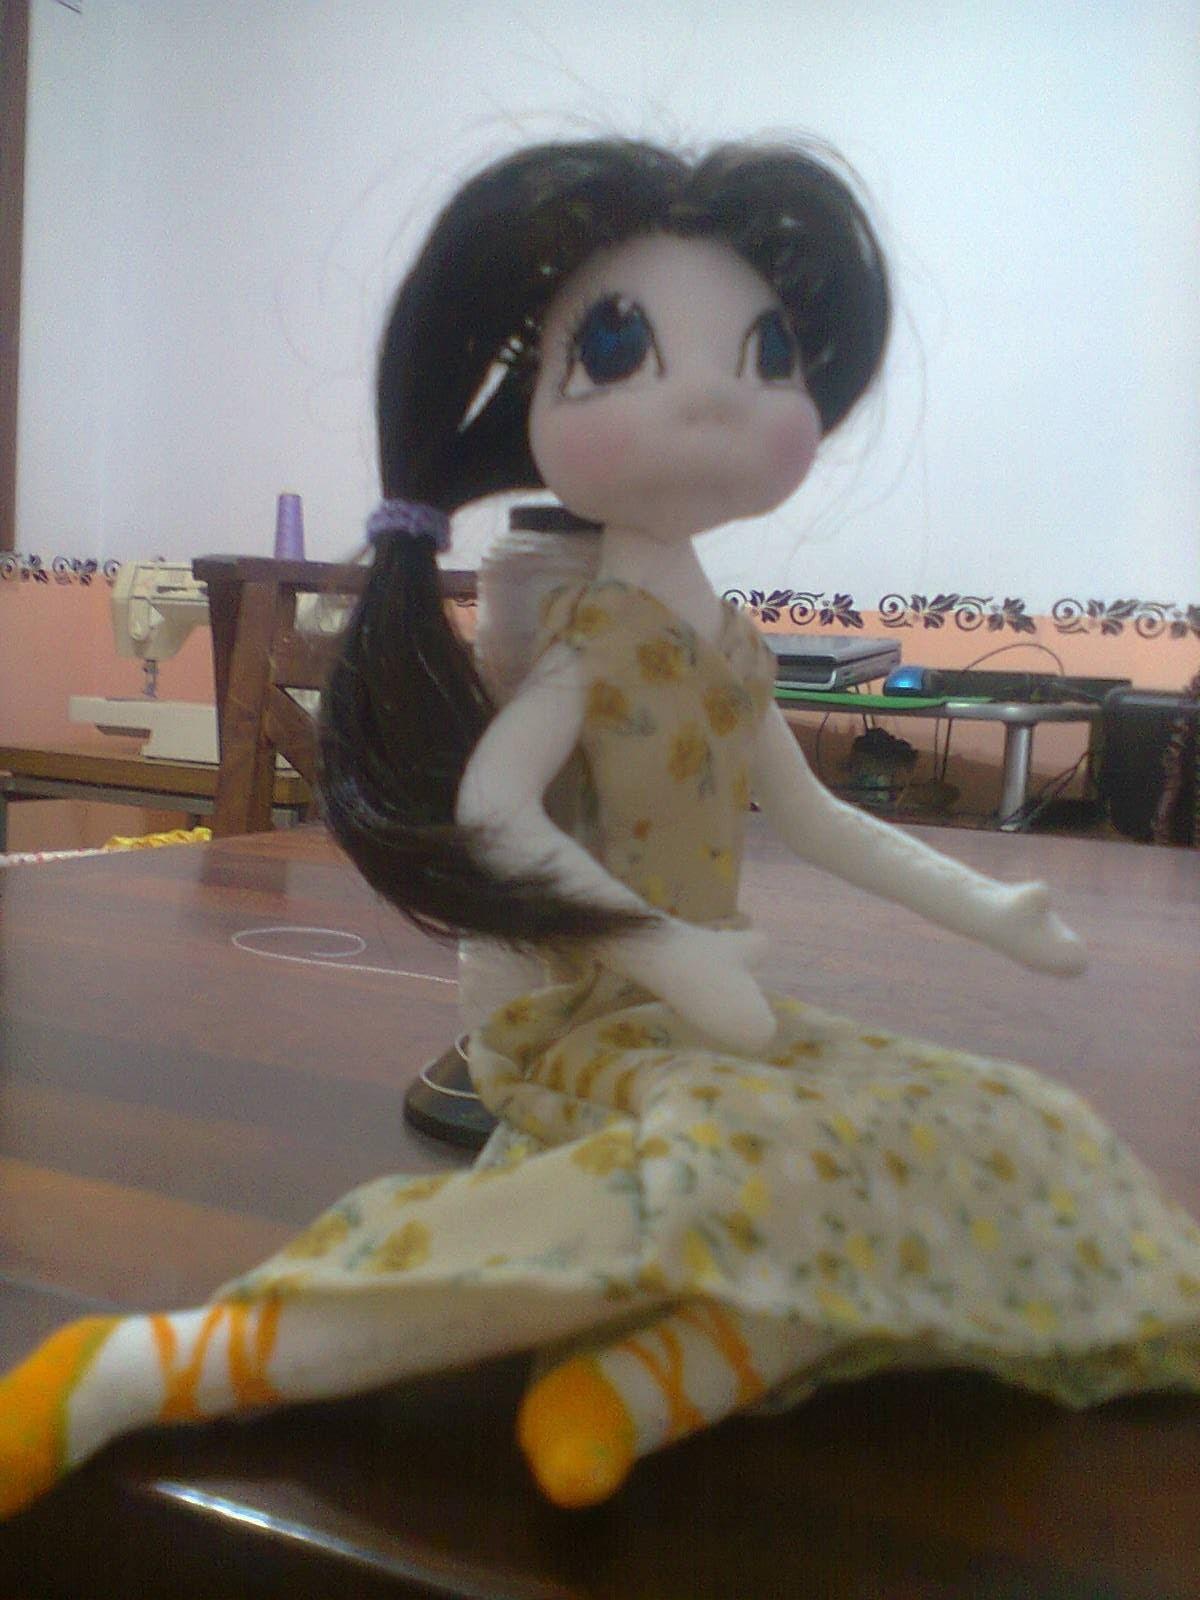 Charlotte doll subtitle. muñeca charlotte subtitulado. proyecto 221